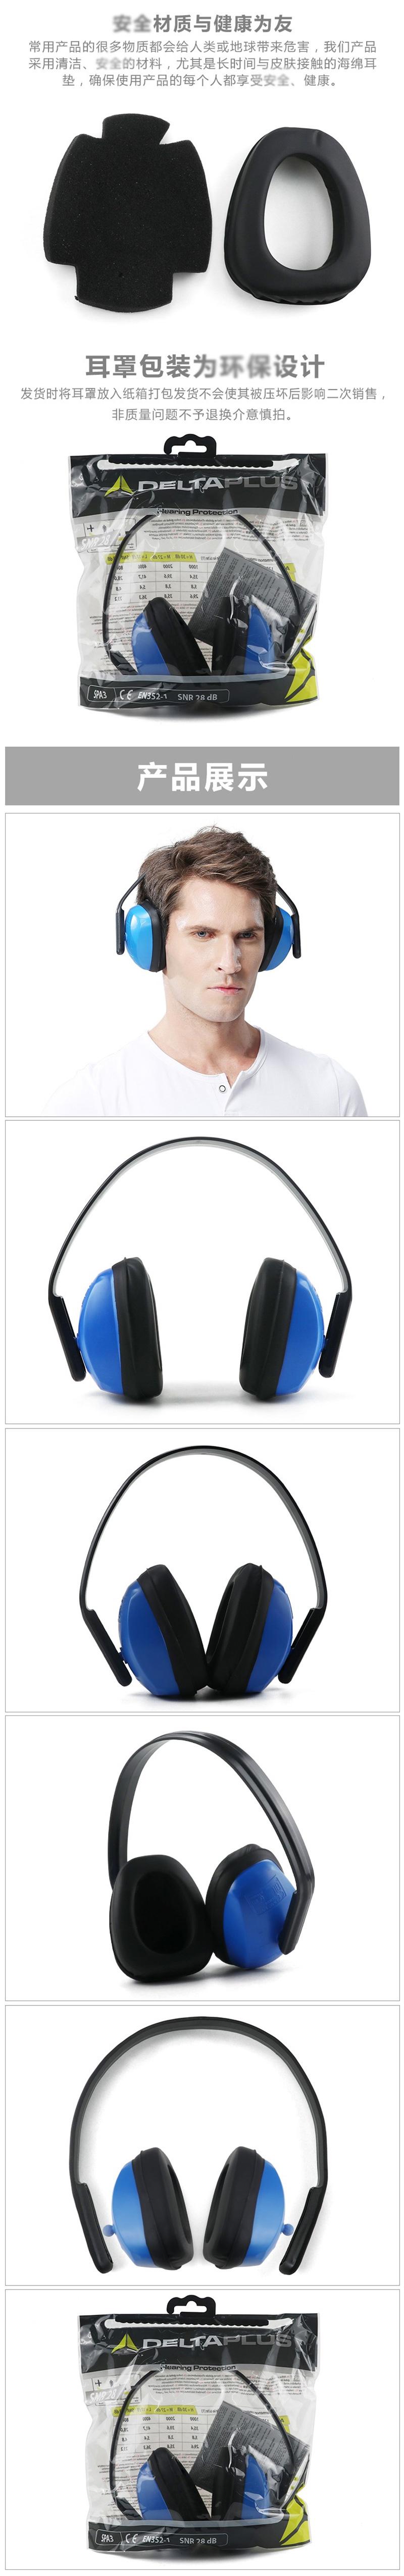 代尔塔103010 头戴式耳罩 详情页